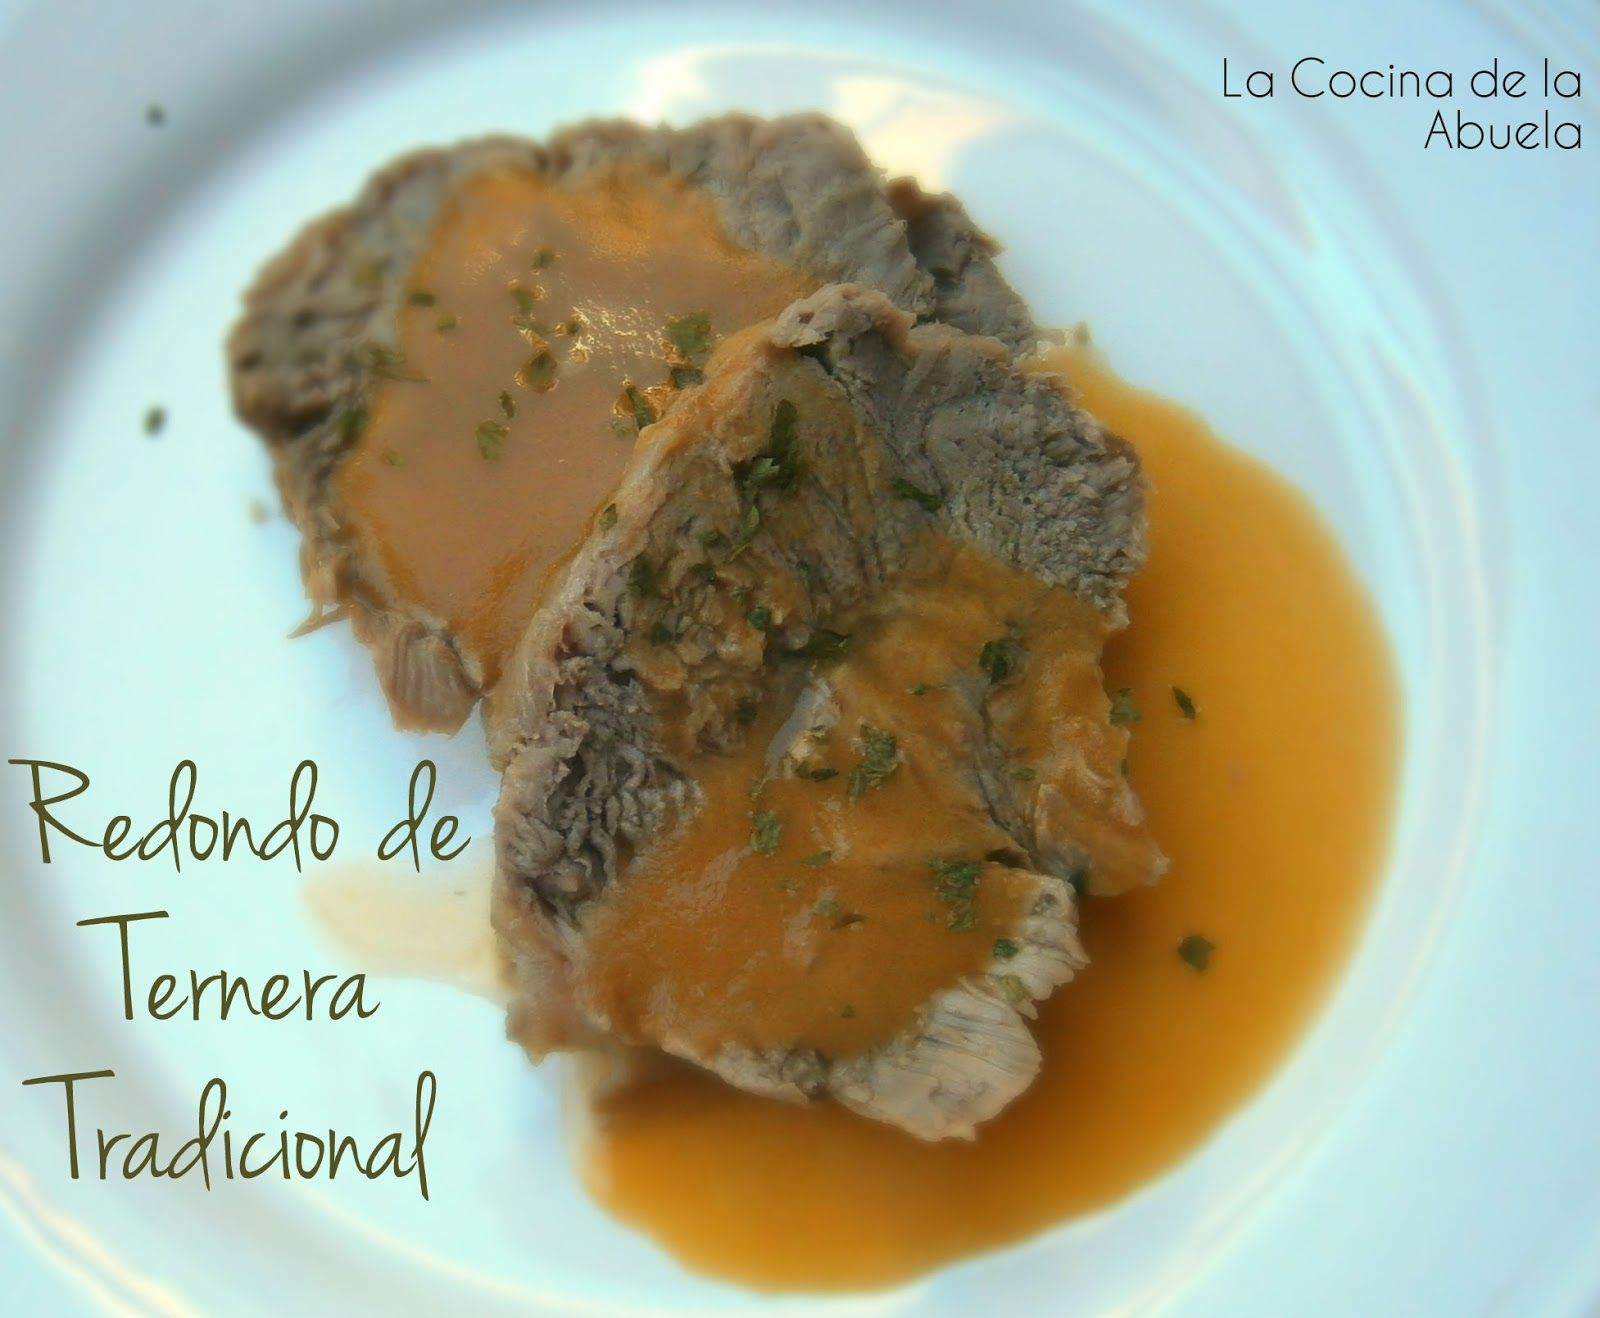 Redondo de ternera tradicional la cocina de la abuela - Como rellenar un redondo de ternera ...